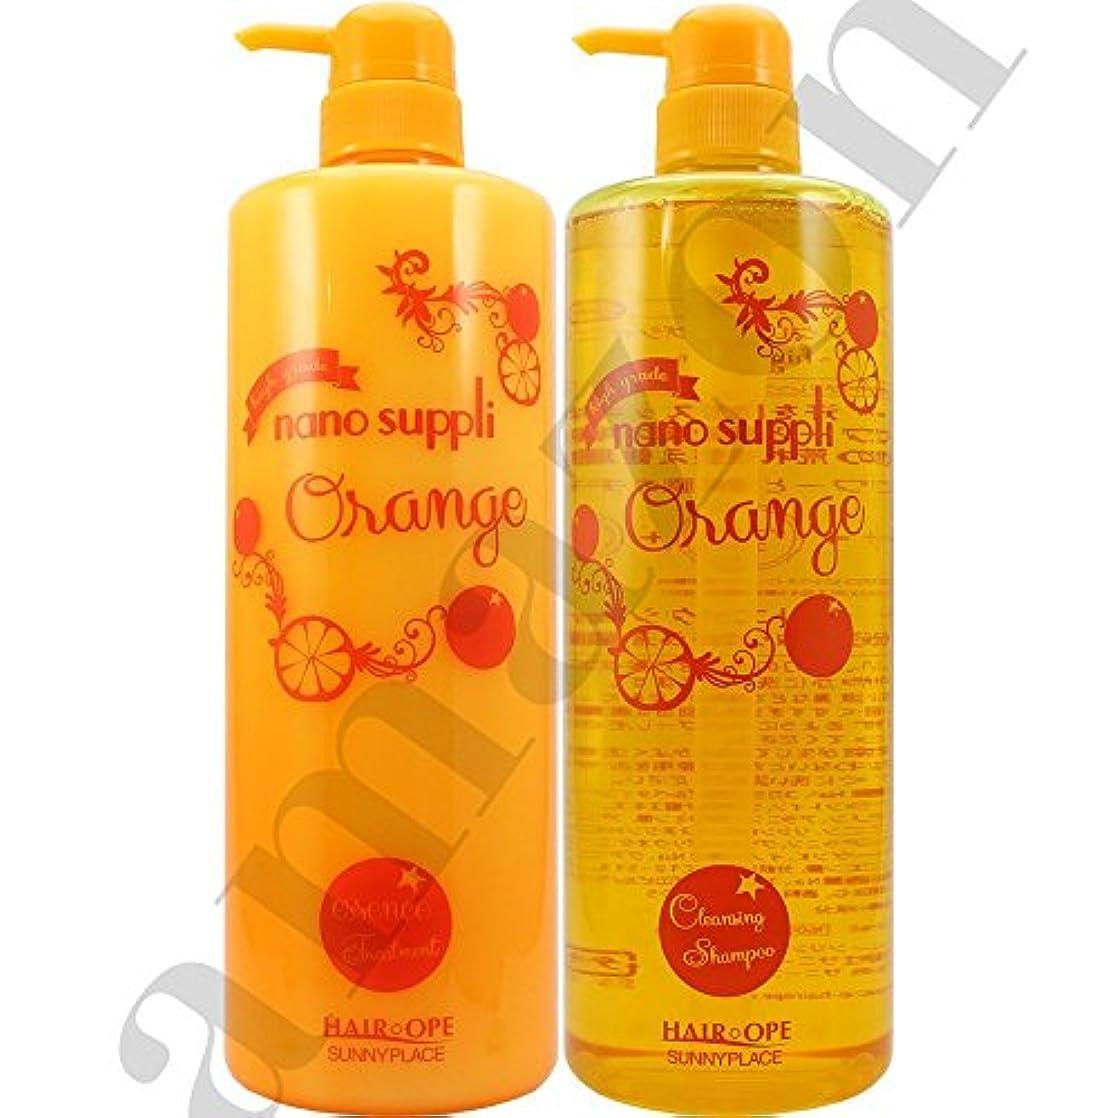 リーン三十長方形サニープレイス ナノサプリ クレンジングシャンプー&コンディショナー オレンジ 1000mlボトルセット